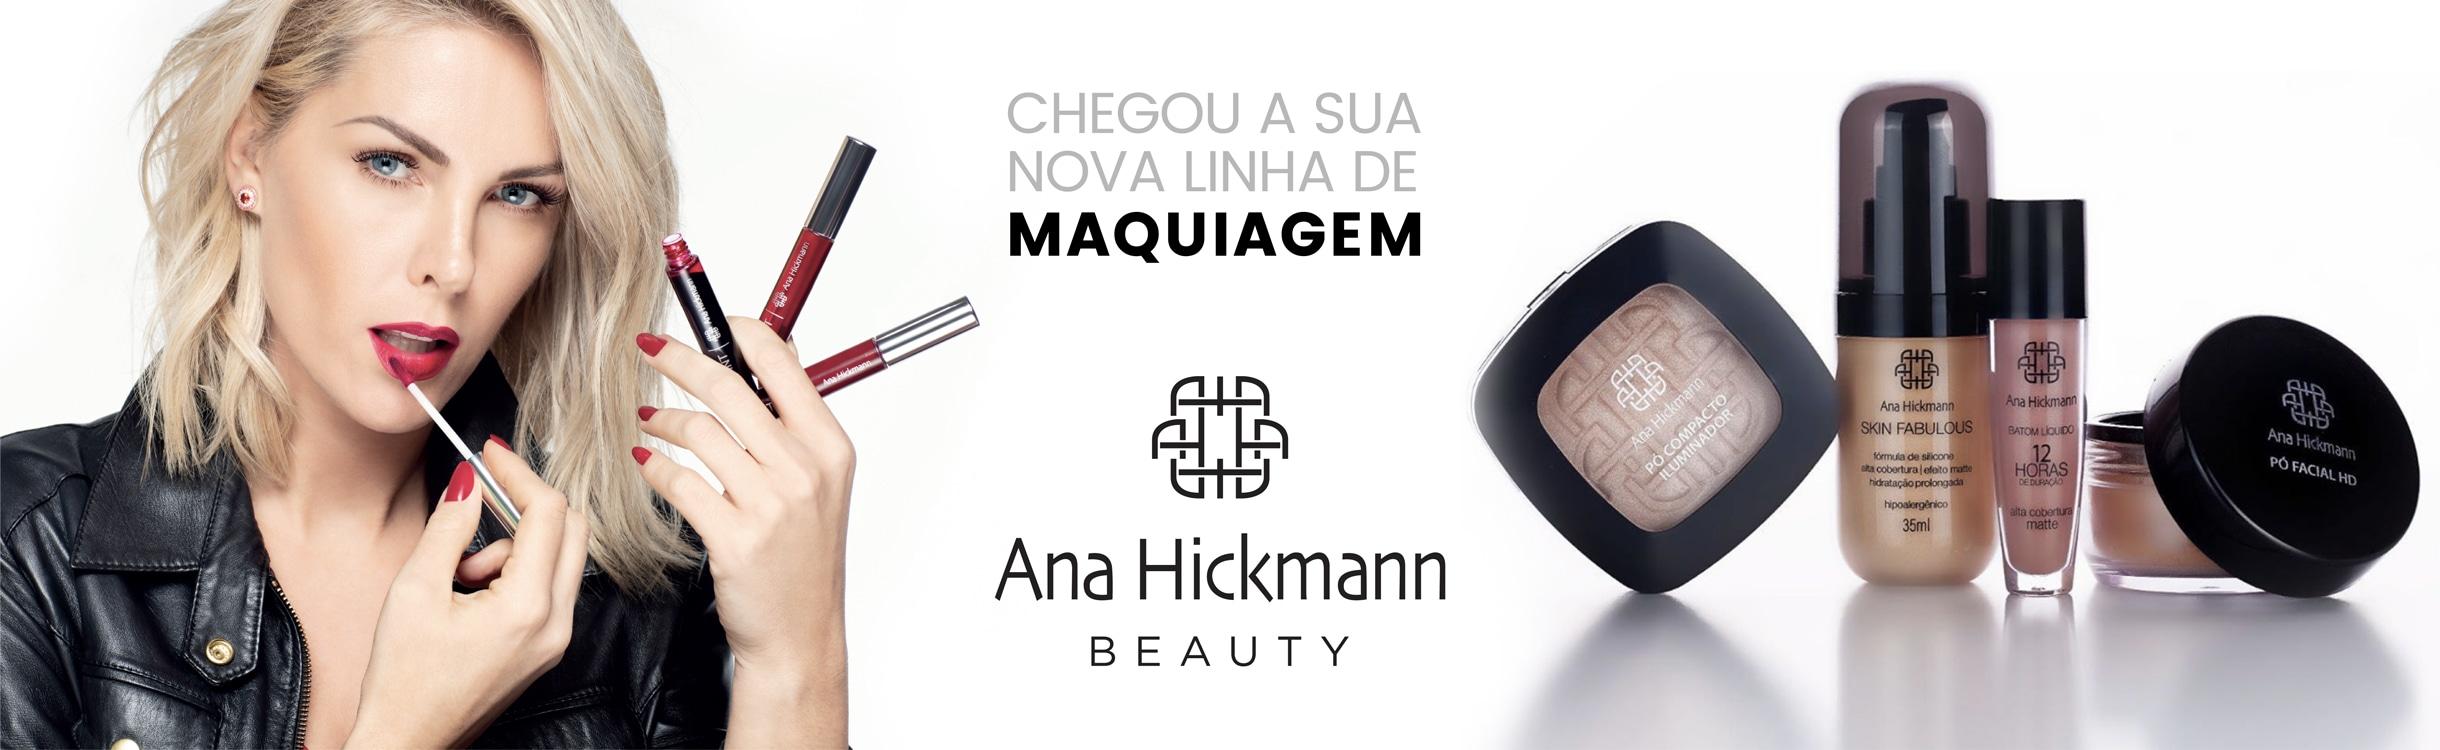 Ana hickmann beauty